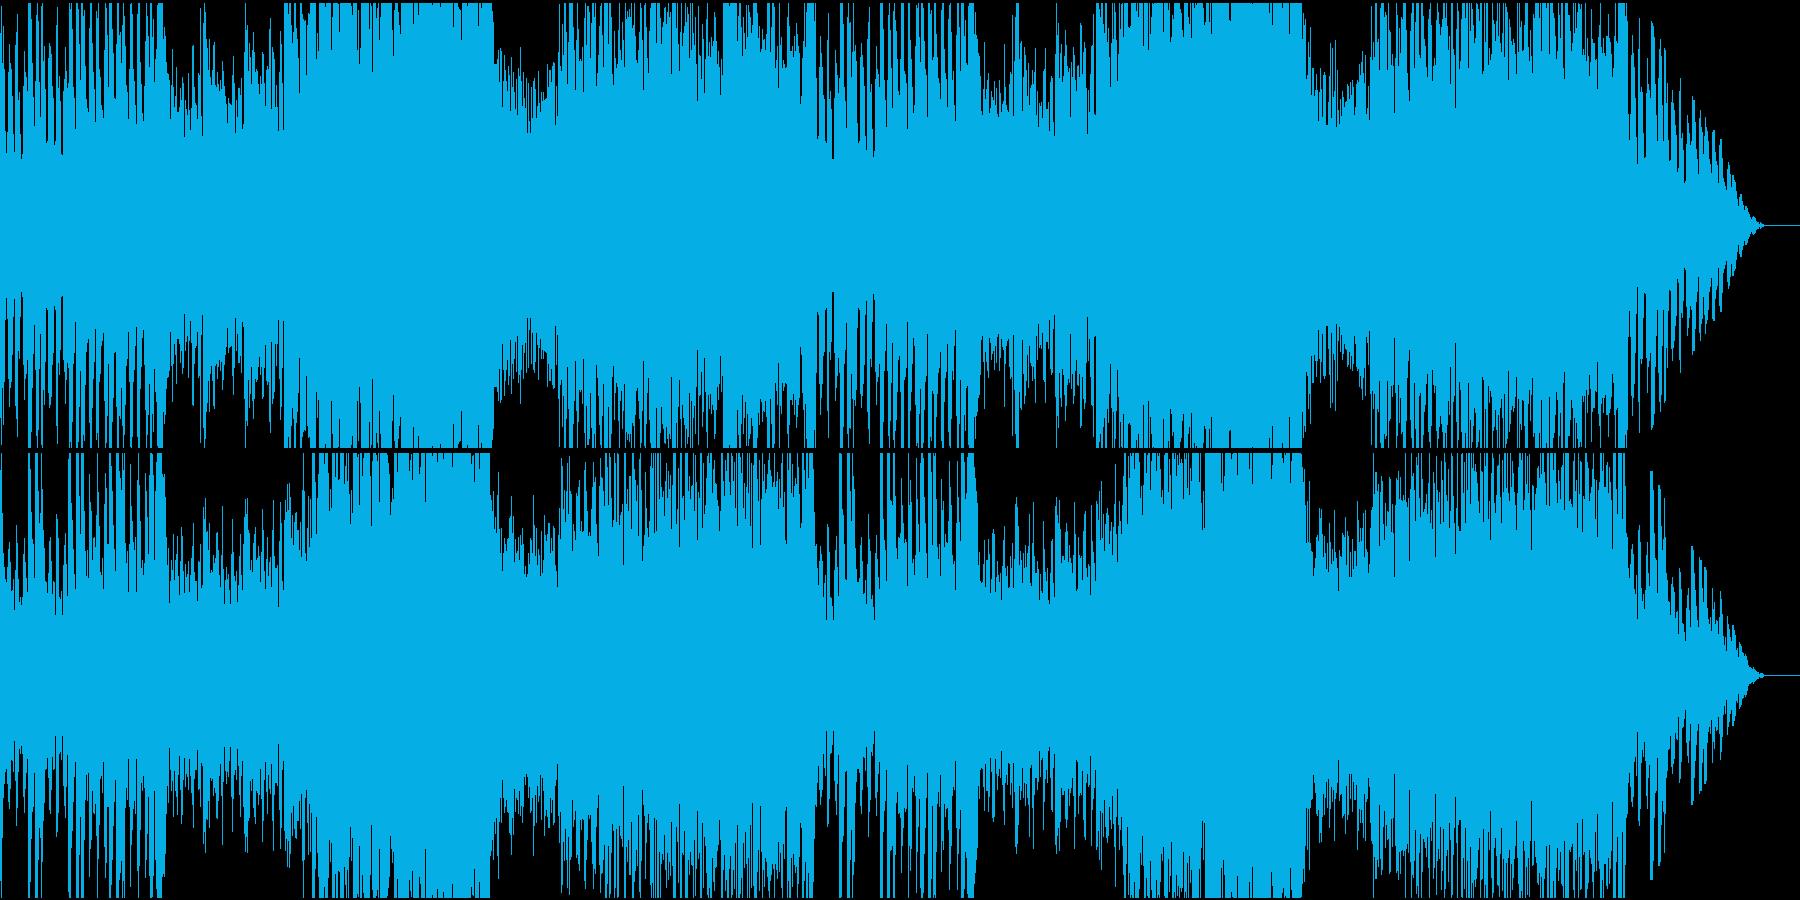 オーケストラ素材のバトル曲の再生済みの波形